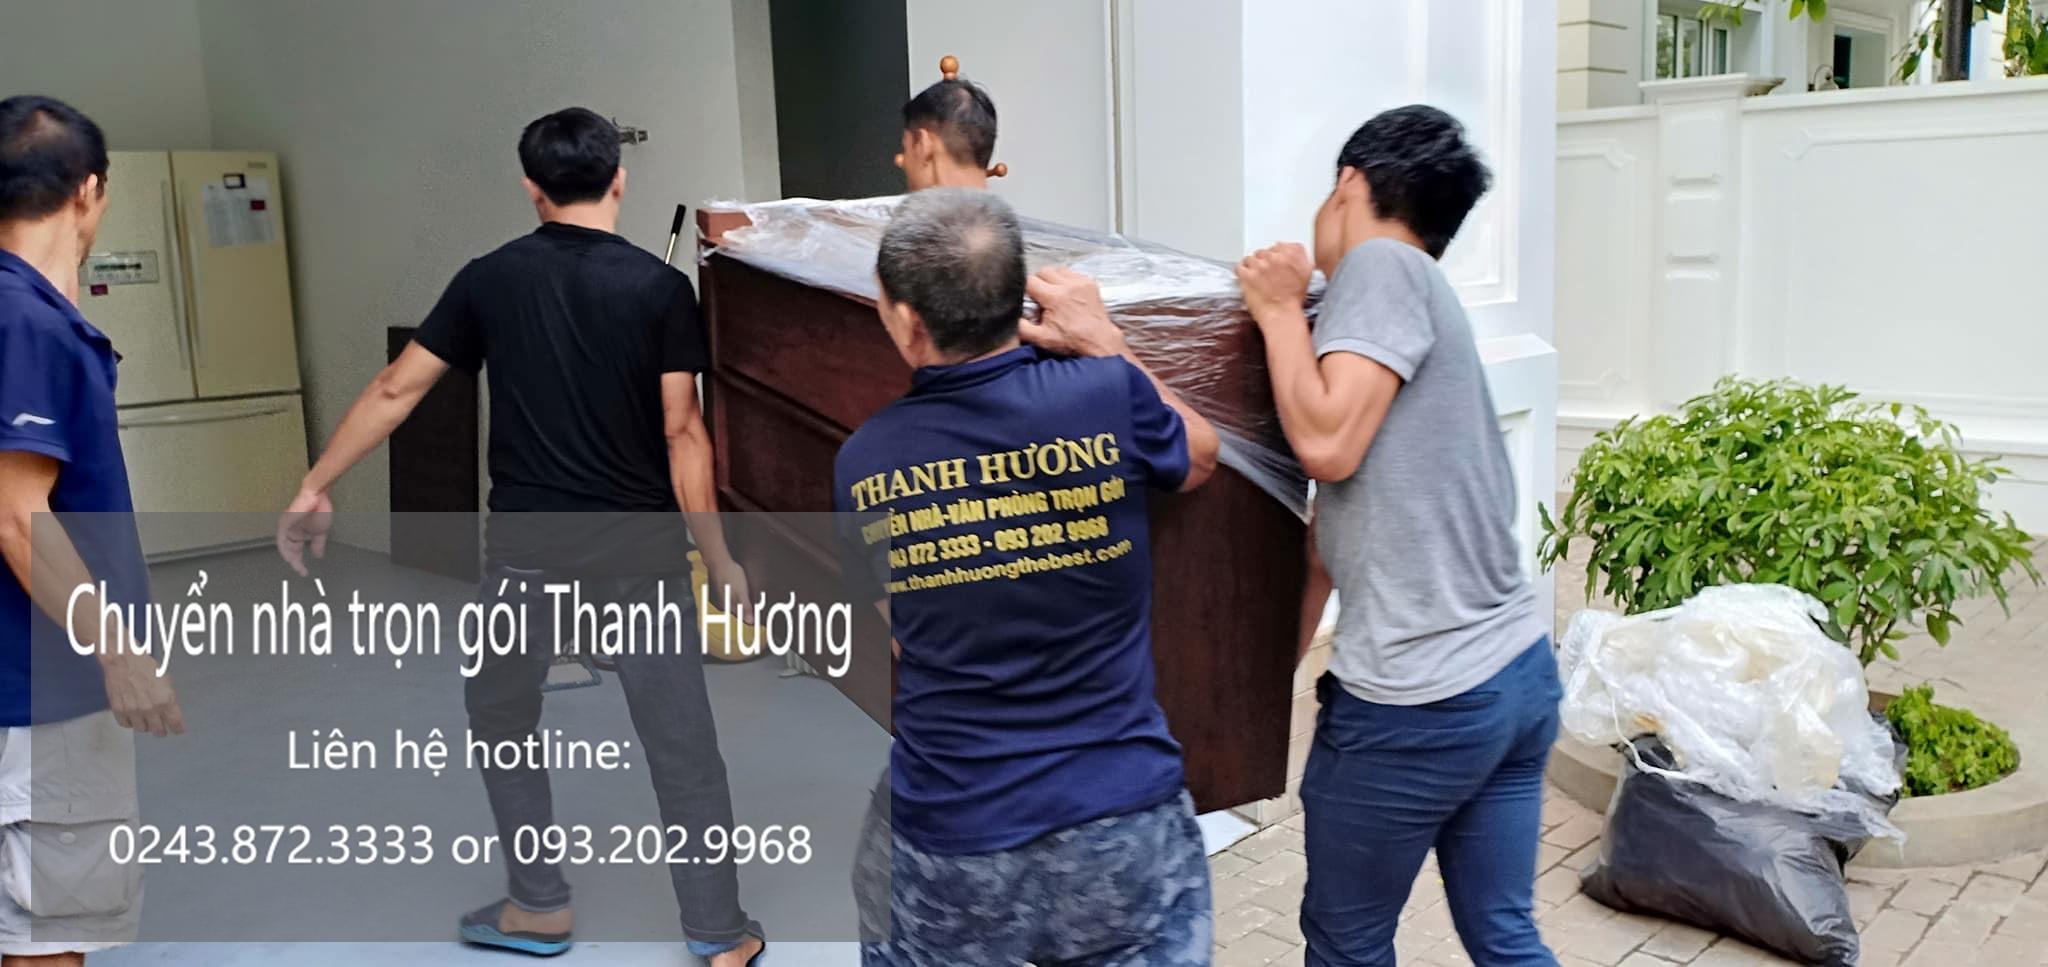 Dịch vụ chuyển nhà giá rẻ tại đường Phú Đô đi Hải Phòng